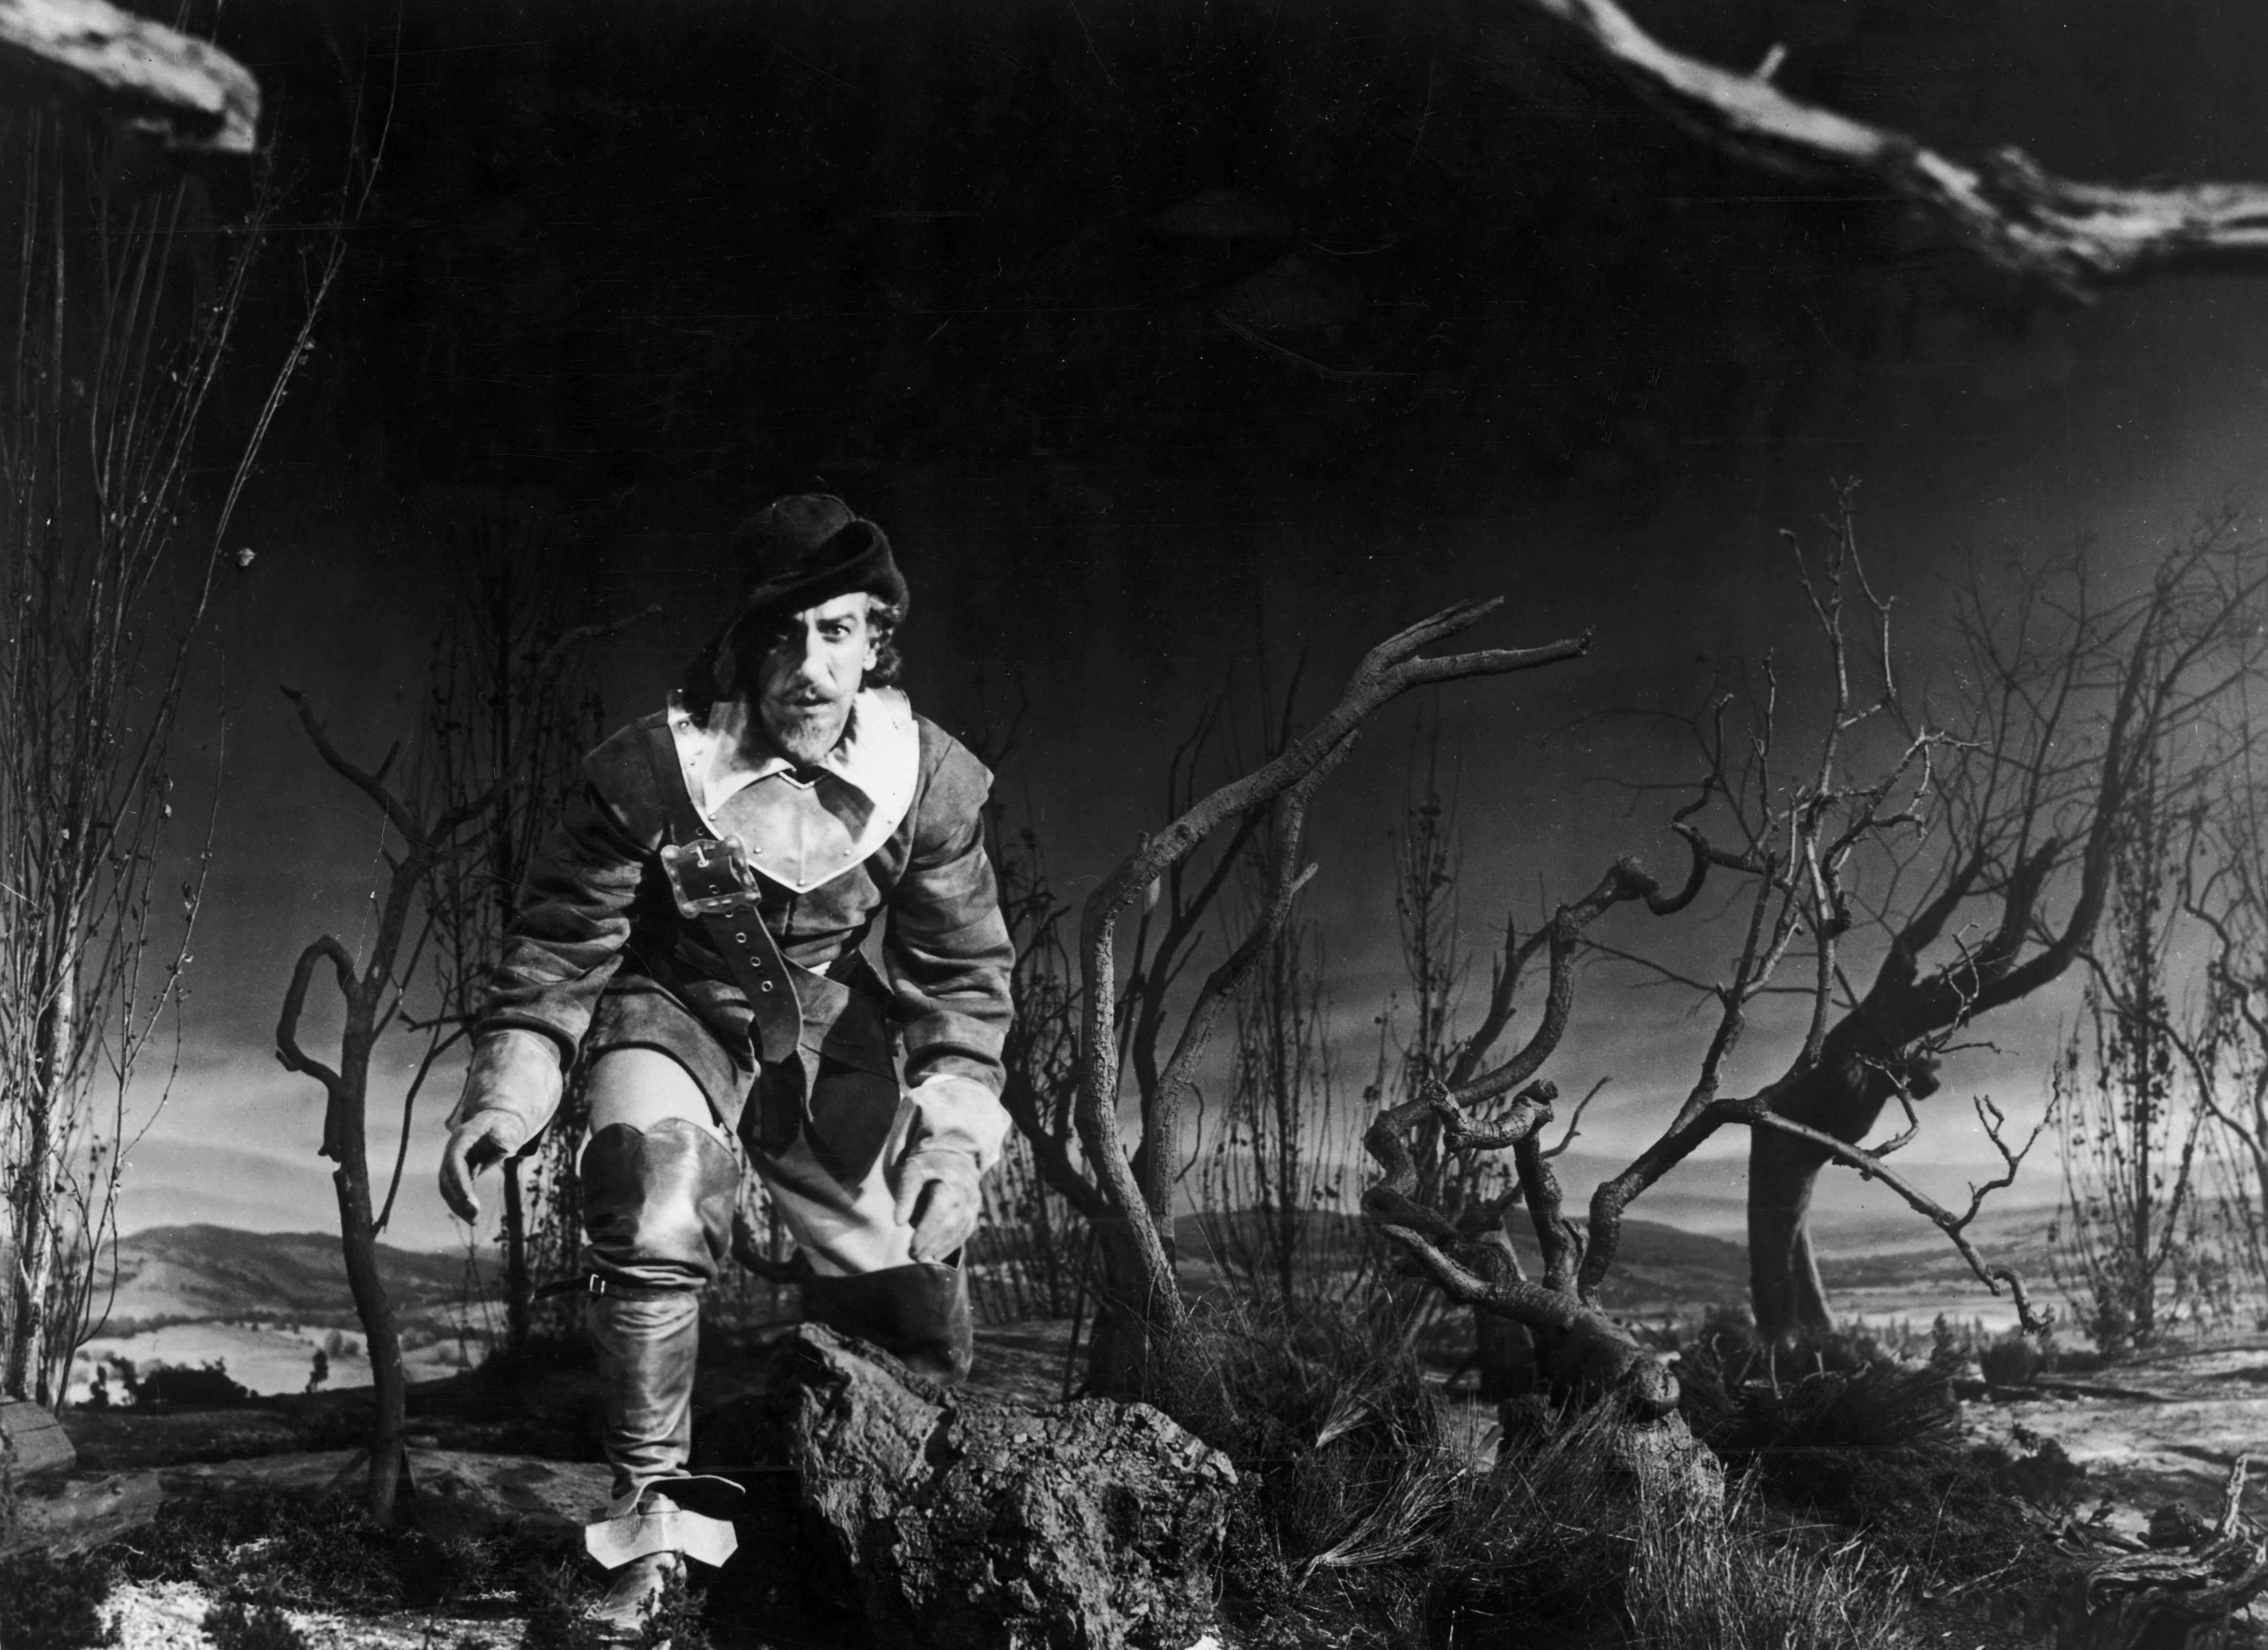 José Ferrer in Cyrano de Bergerac (1950)